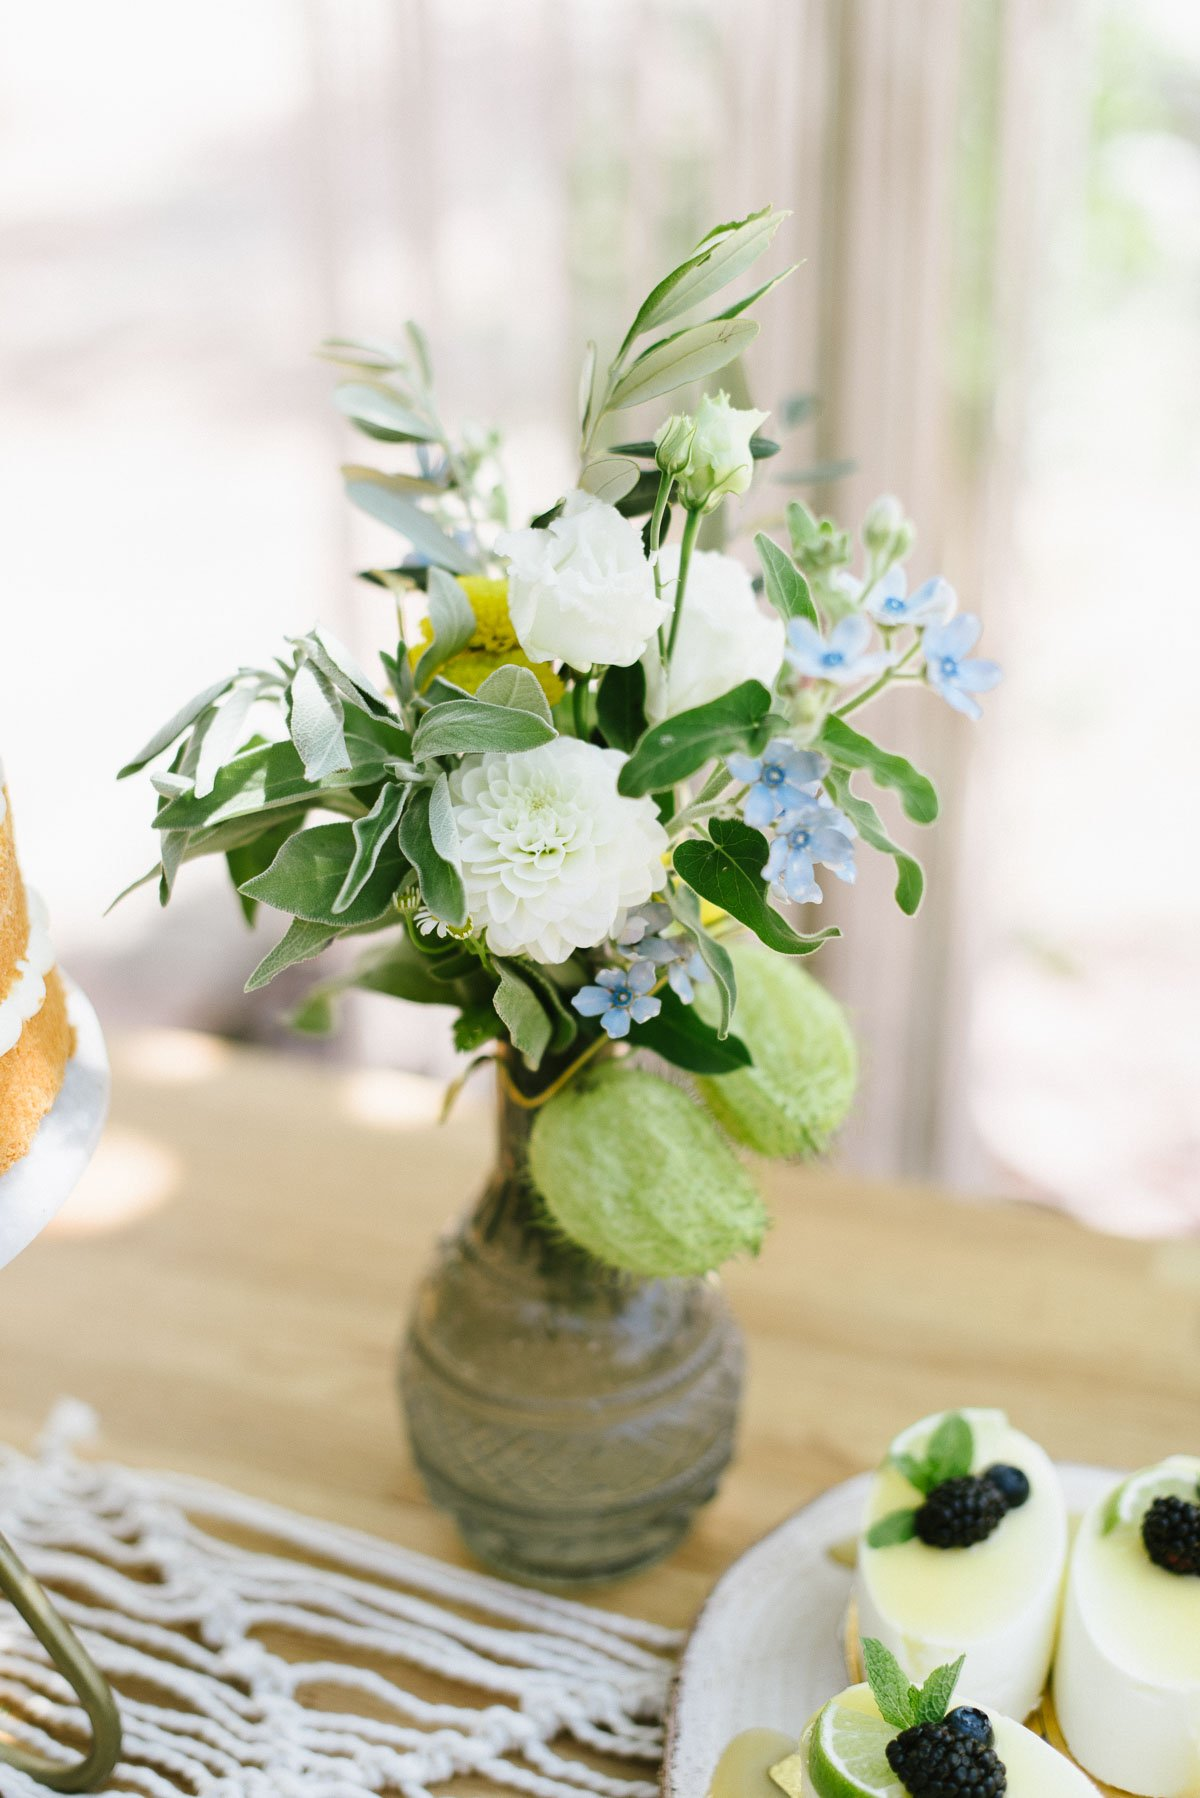 Sommerliche Blumendeko